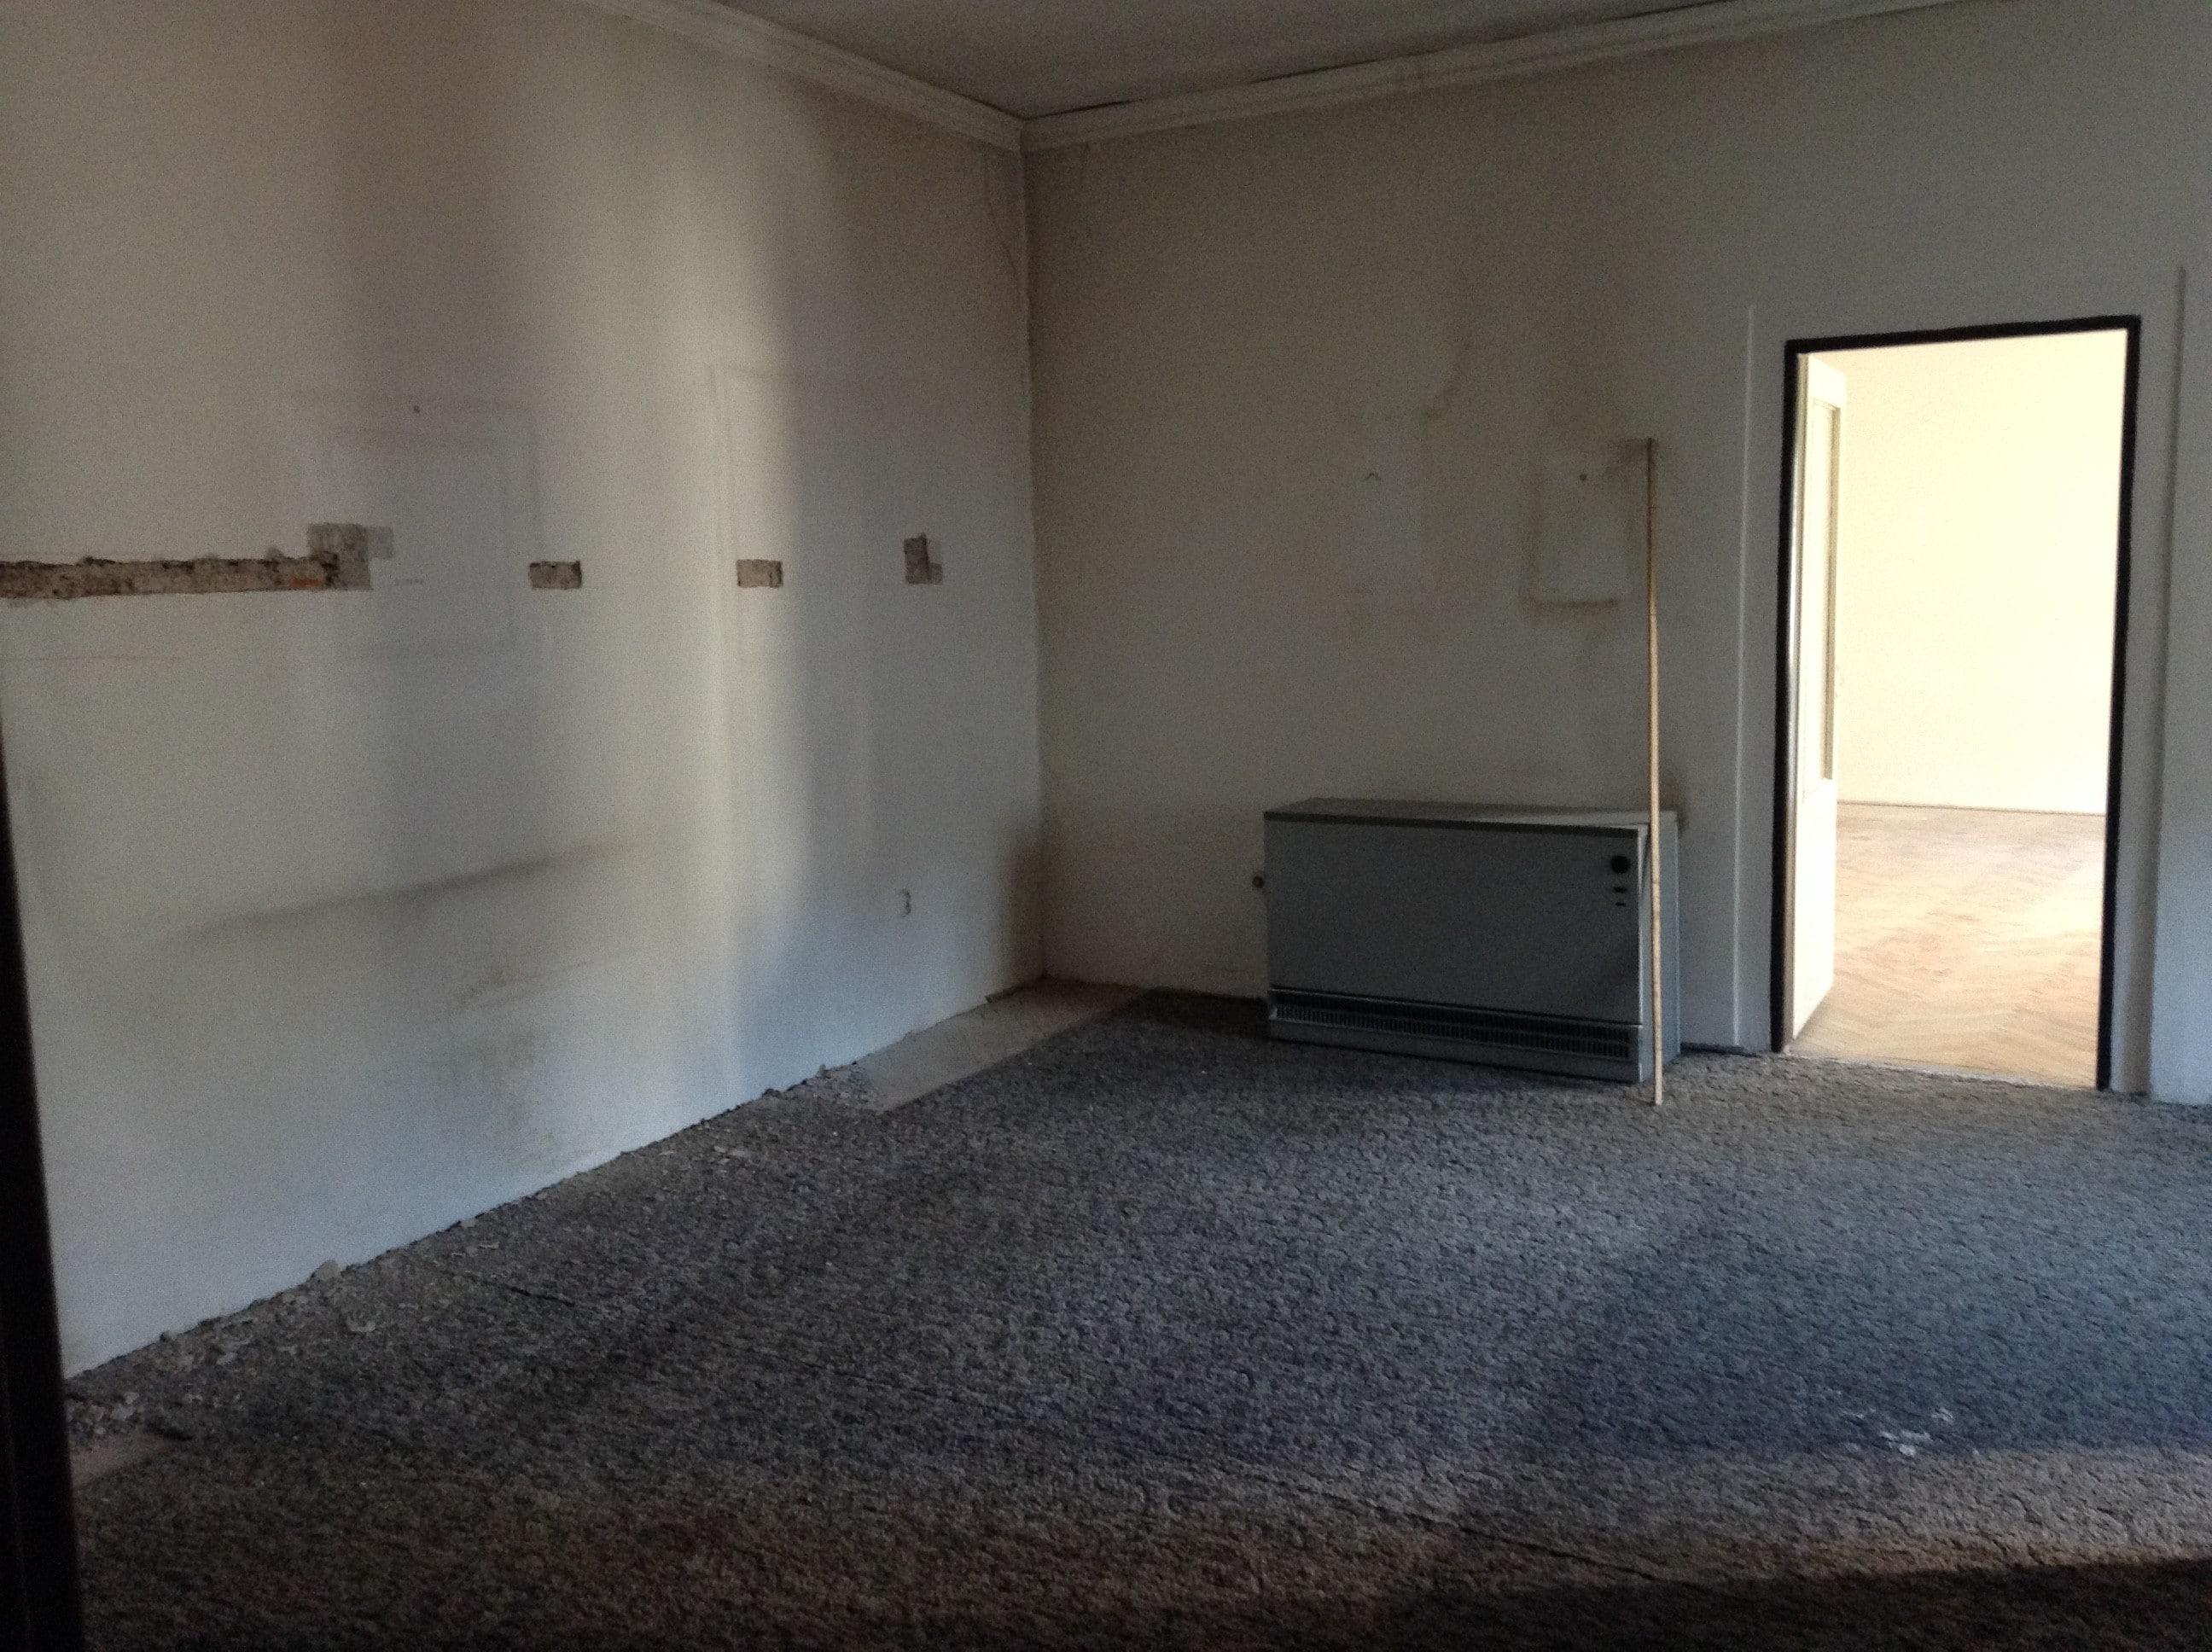 למכירה בפראג 1 בניין 6 קומות במיקום אטרקטיבי במיוחד! (5)